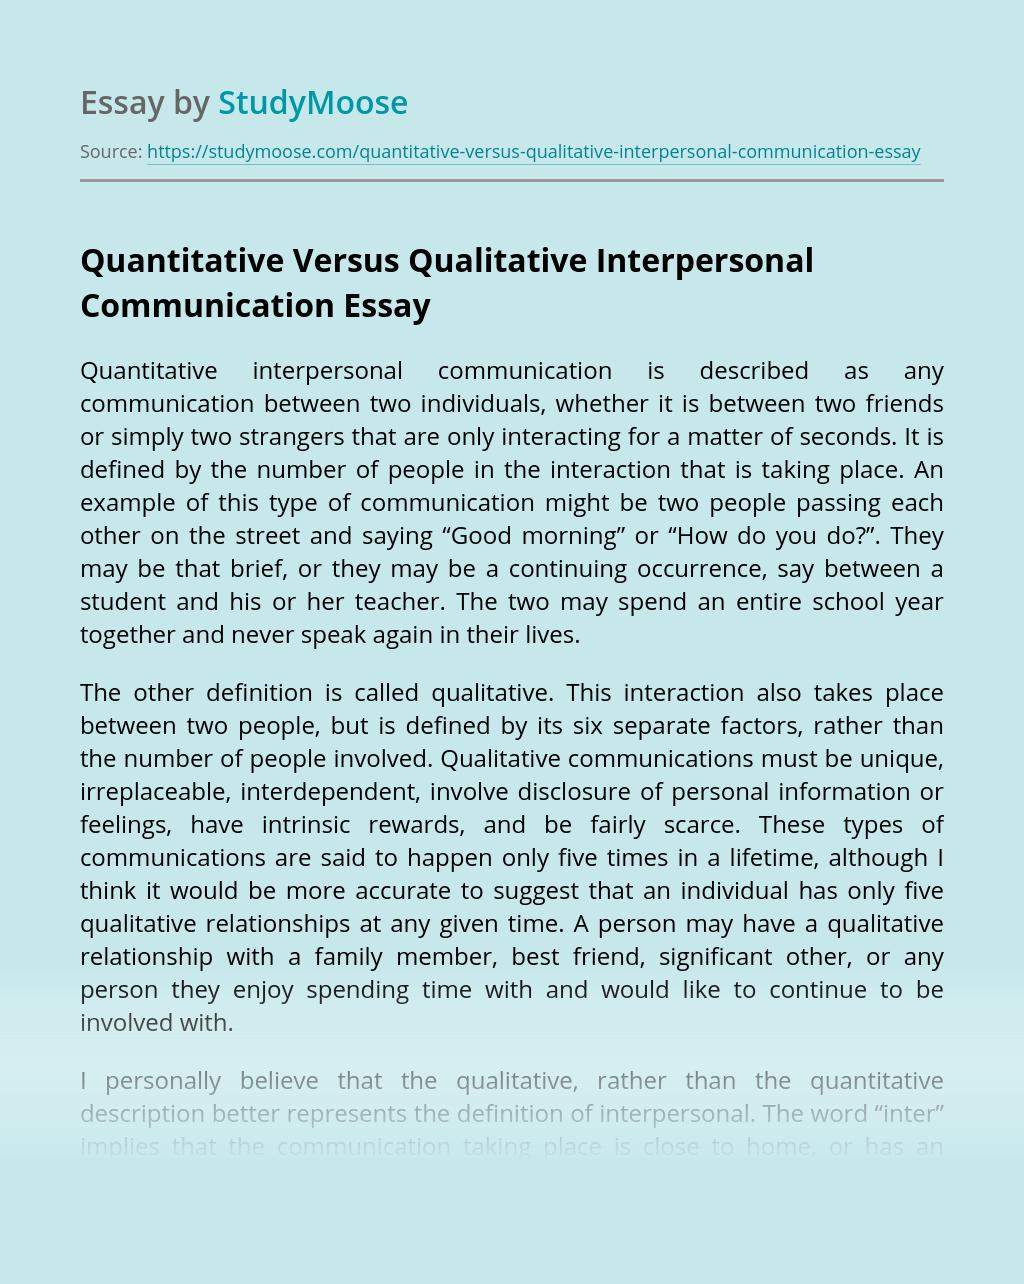 Quantitative Versus Qualitative Interpersonal Communication